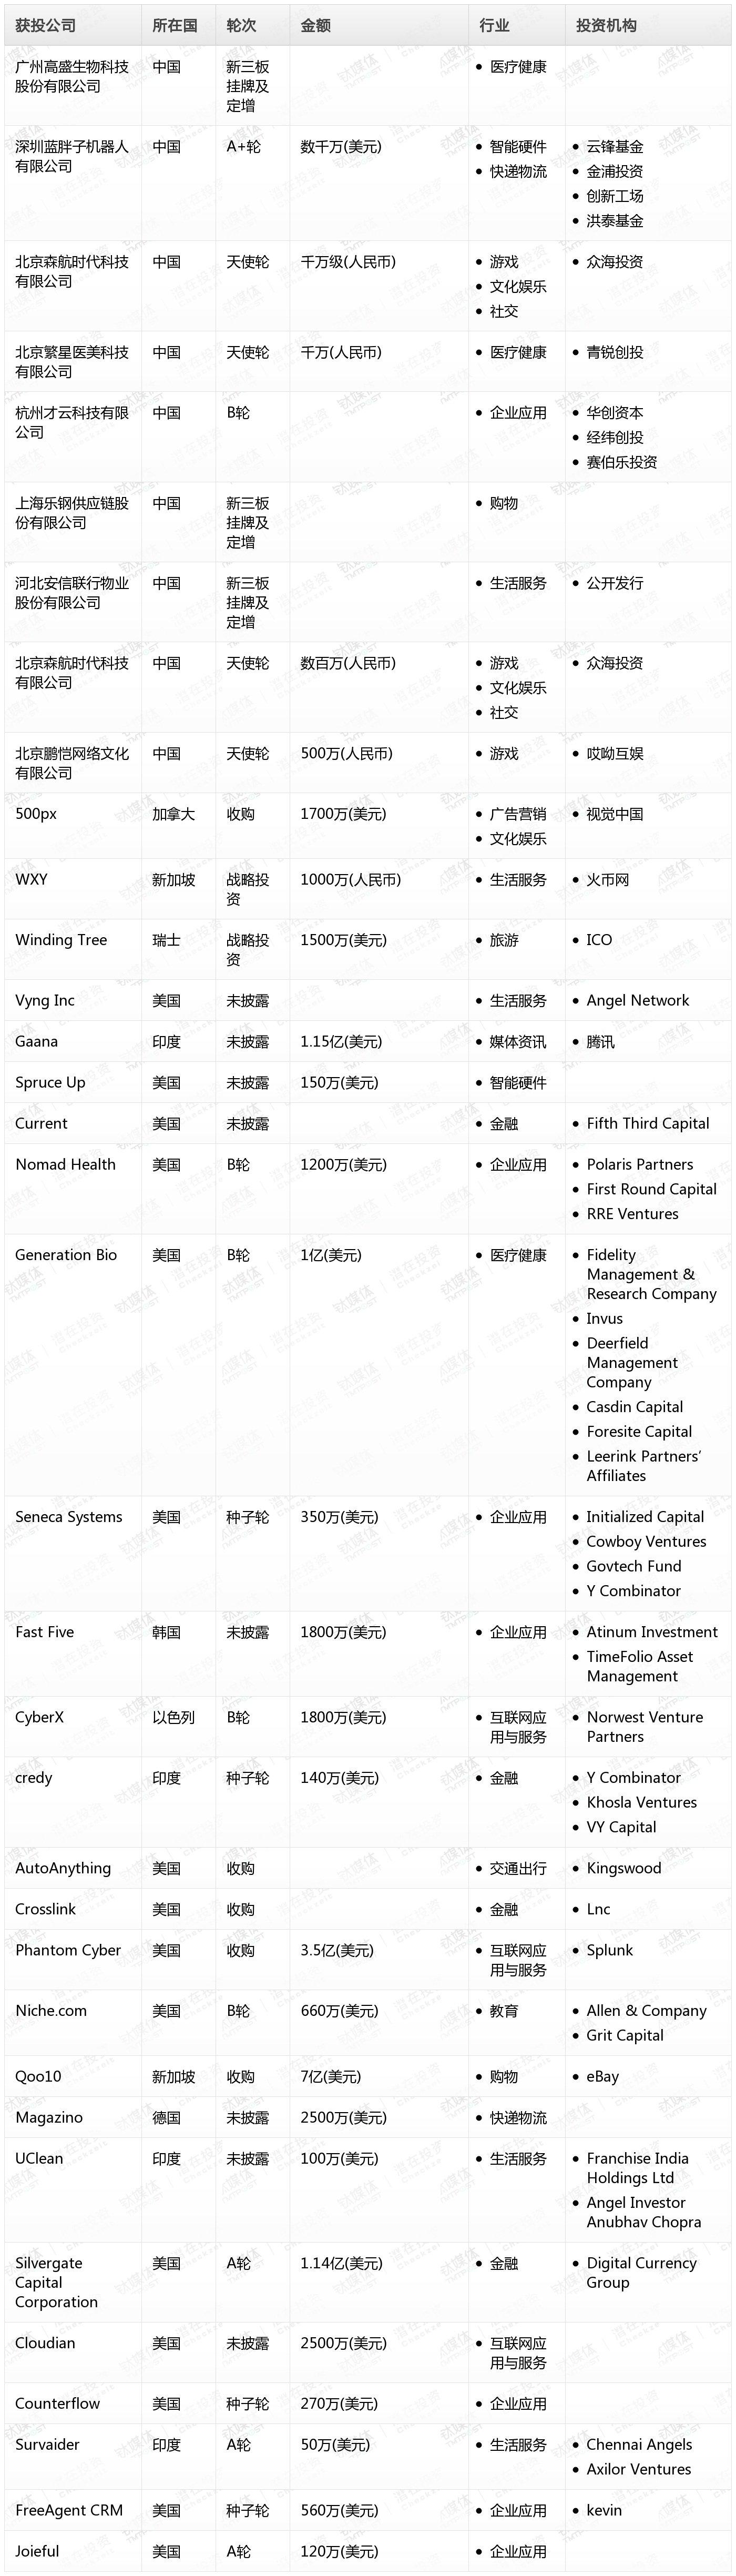 [投融资事件列表]